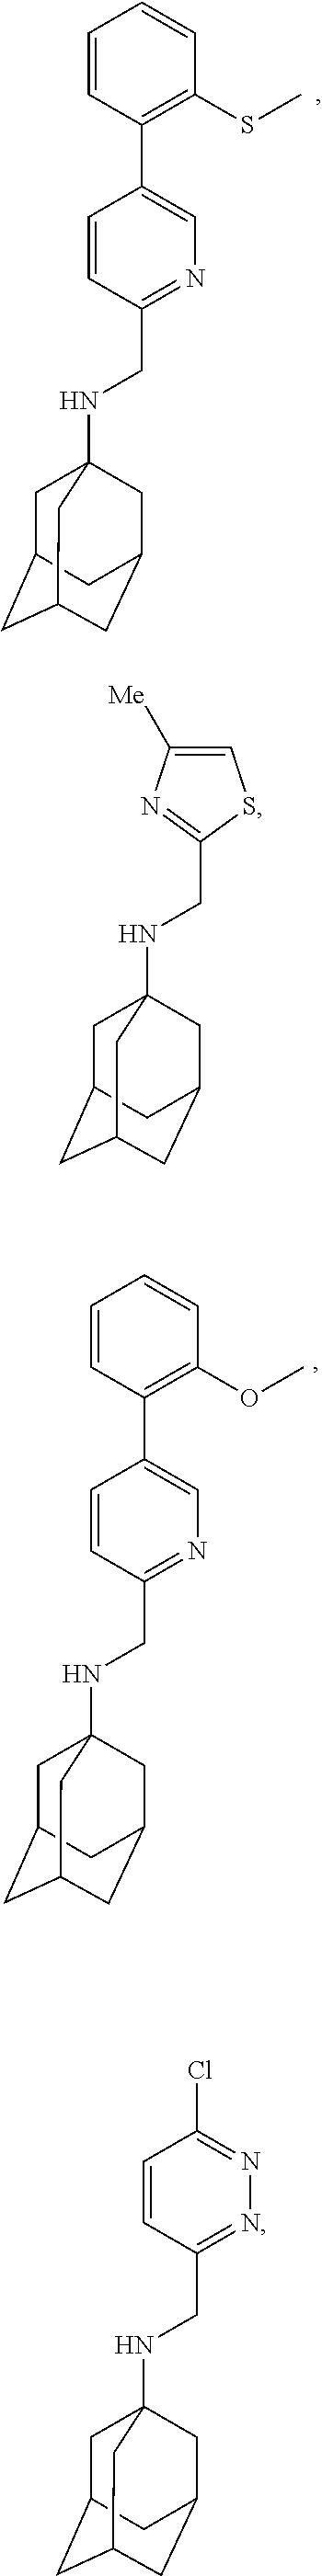 Figure US09884832-20180206-C00091